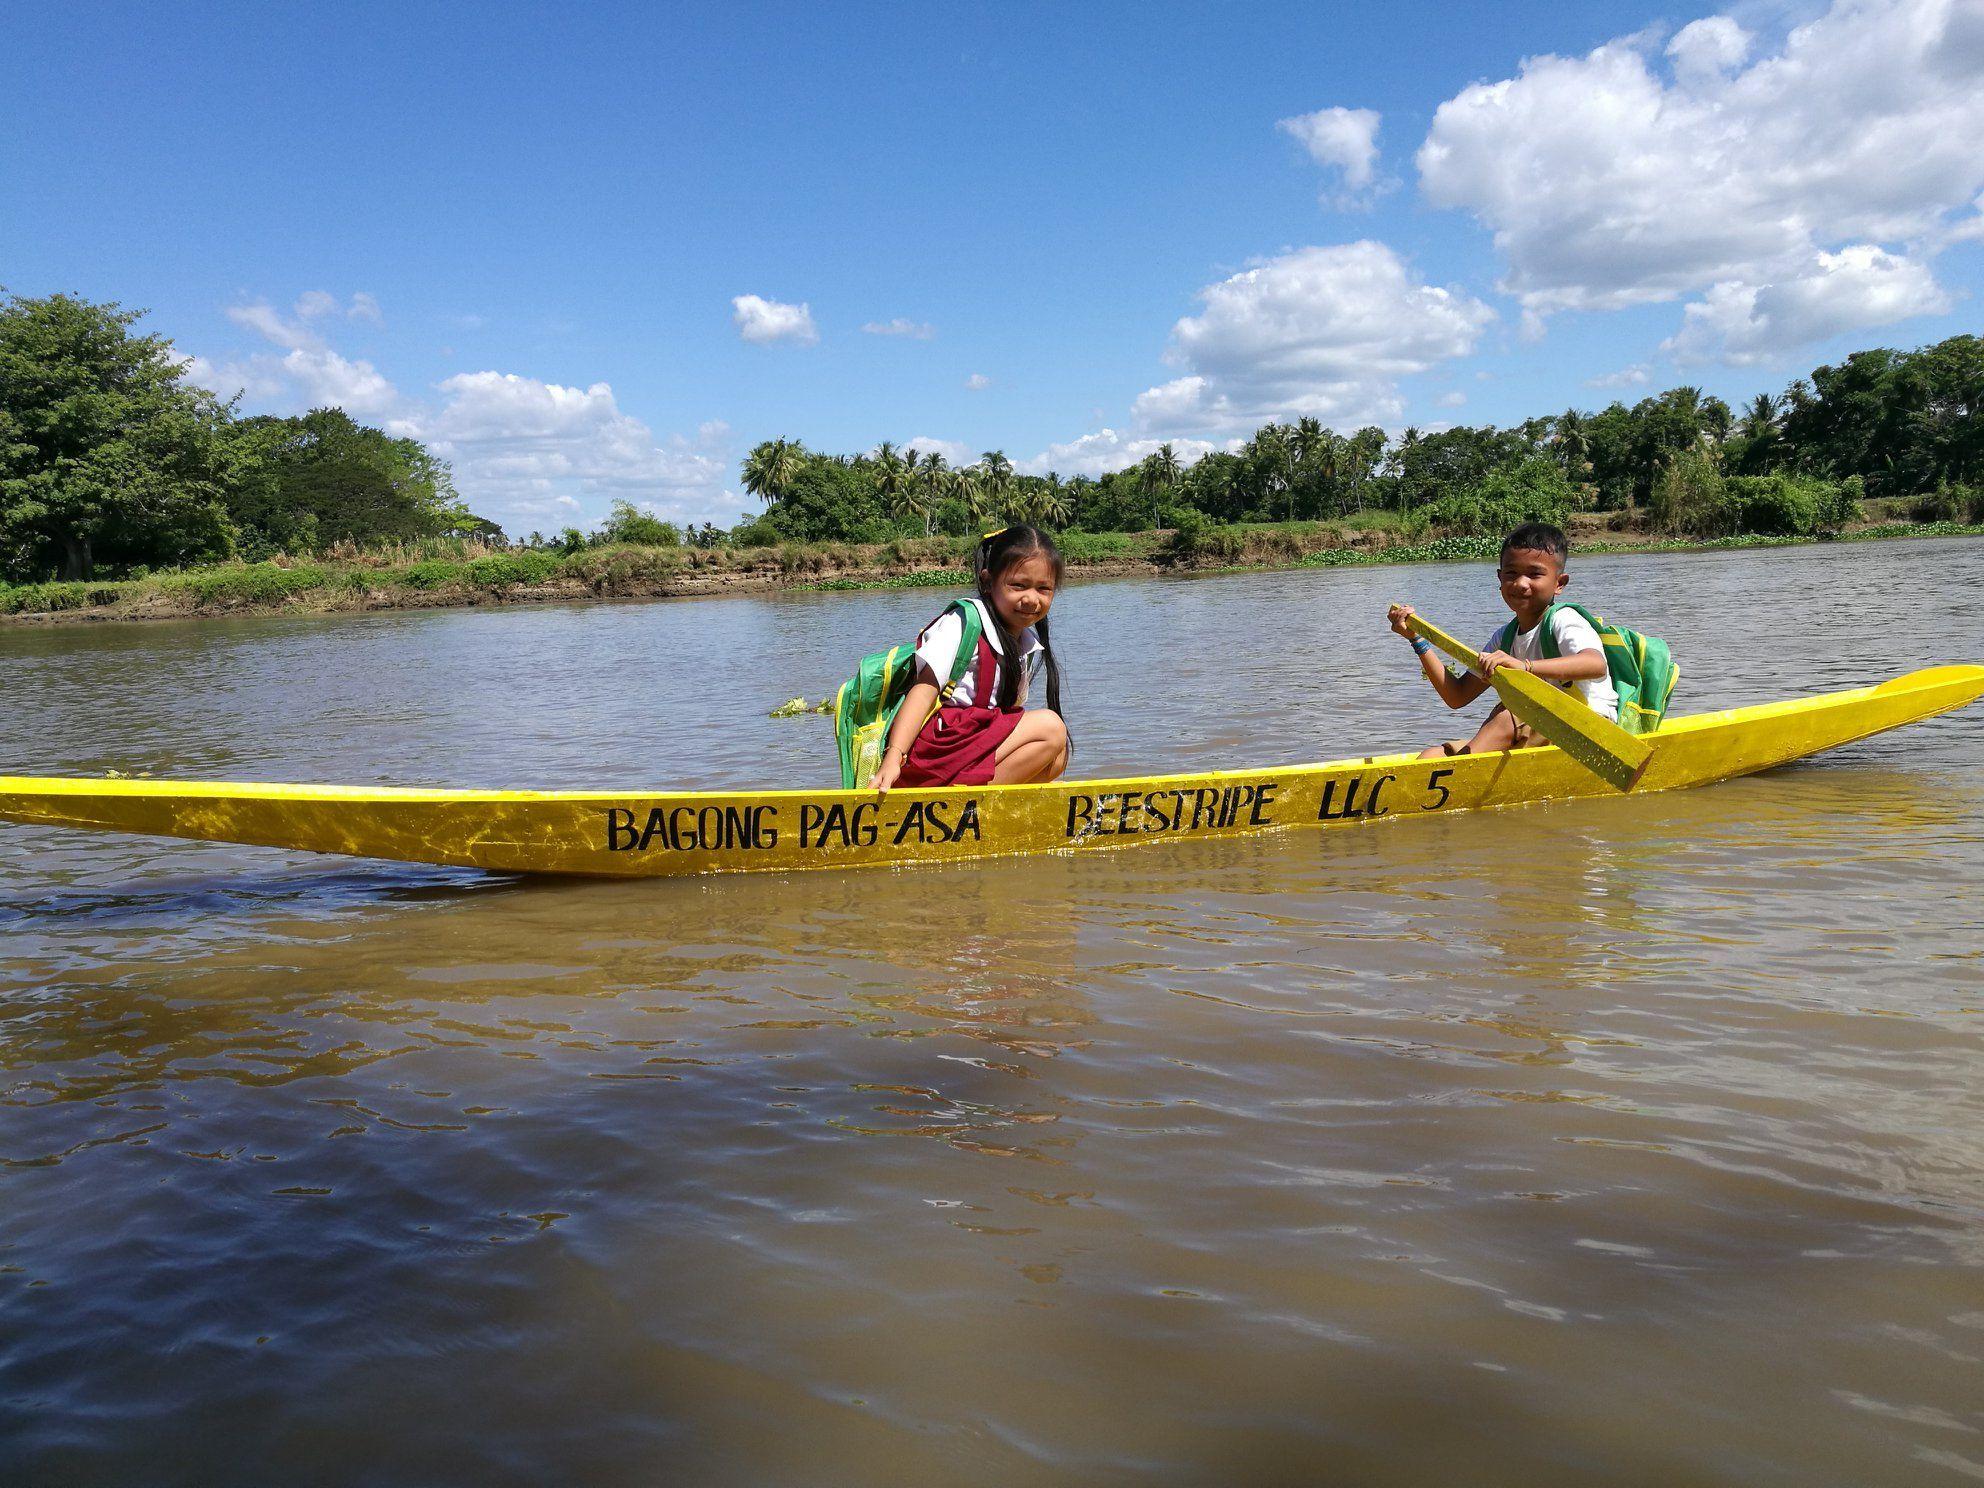 Una barca per andare a scuola: così i social aiutano i bimbi delle Filippine a studiare